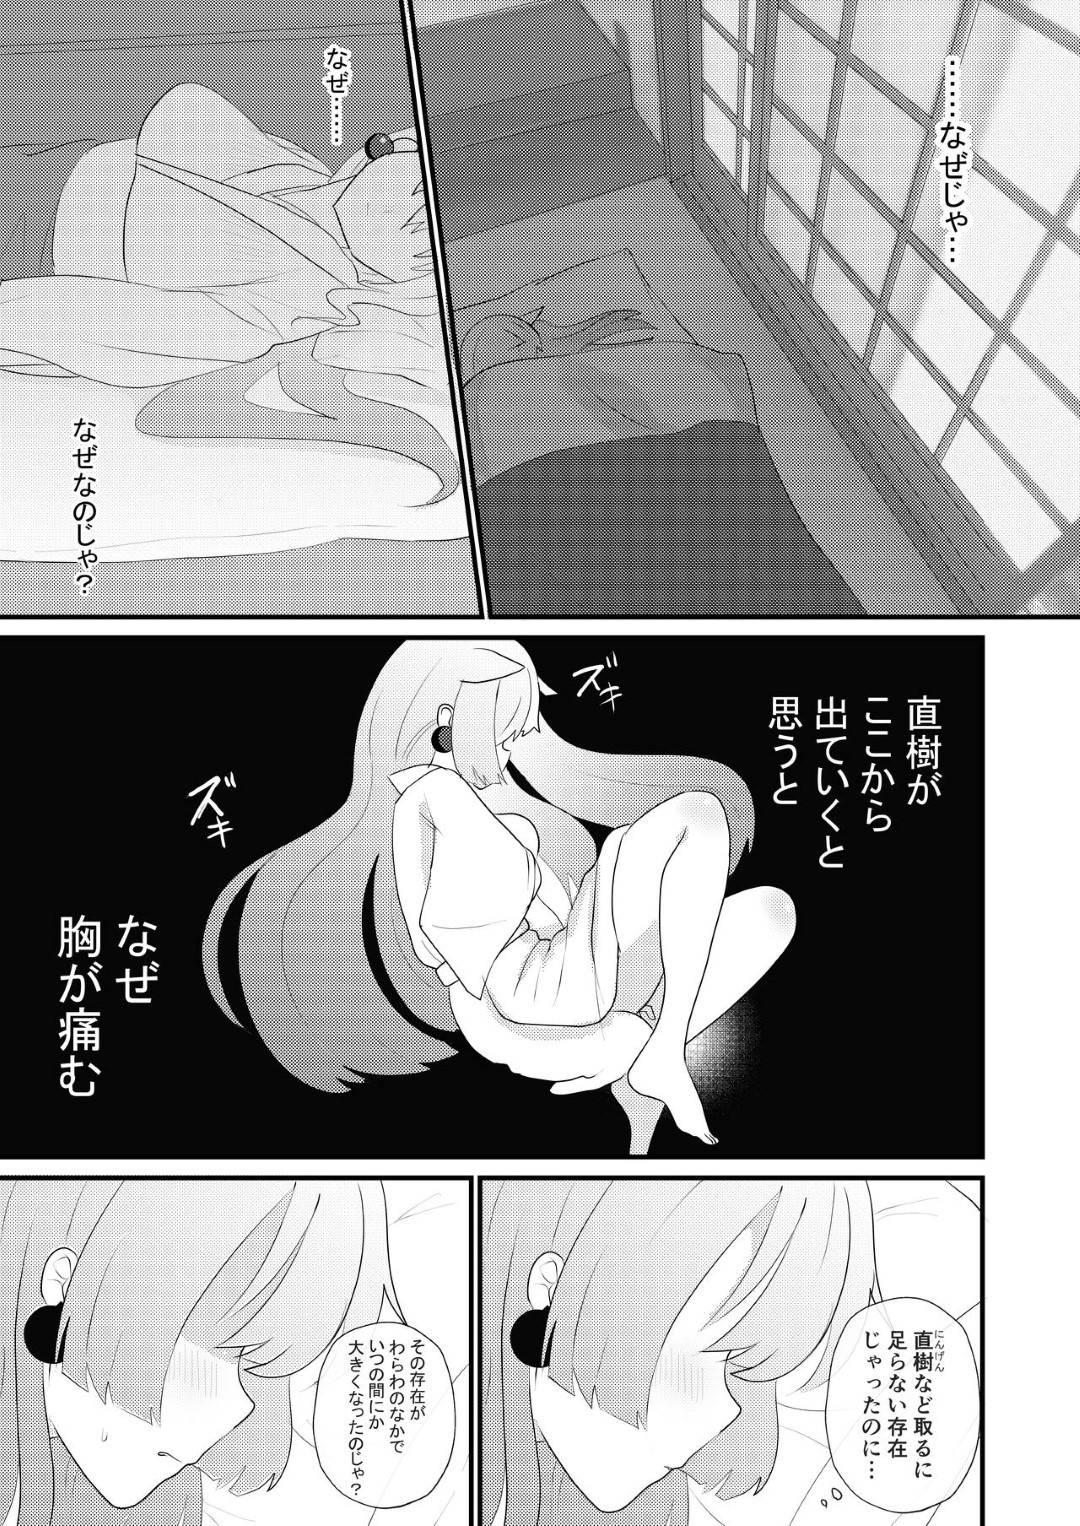 【エロ同人誌】神社に座り込んでいた少年を気まぐれで保護する人間嫌いの狐姫…時が経つと少年がとんでもなくHに成長してしまい、すれ違いながらも、お互いの本音を知ったふたりは、激しく求めあってイチャラブSEXを繰り返す!【愛宮ゆう:ウチの養い子がHに成長しすぎてこまってますっ】